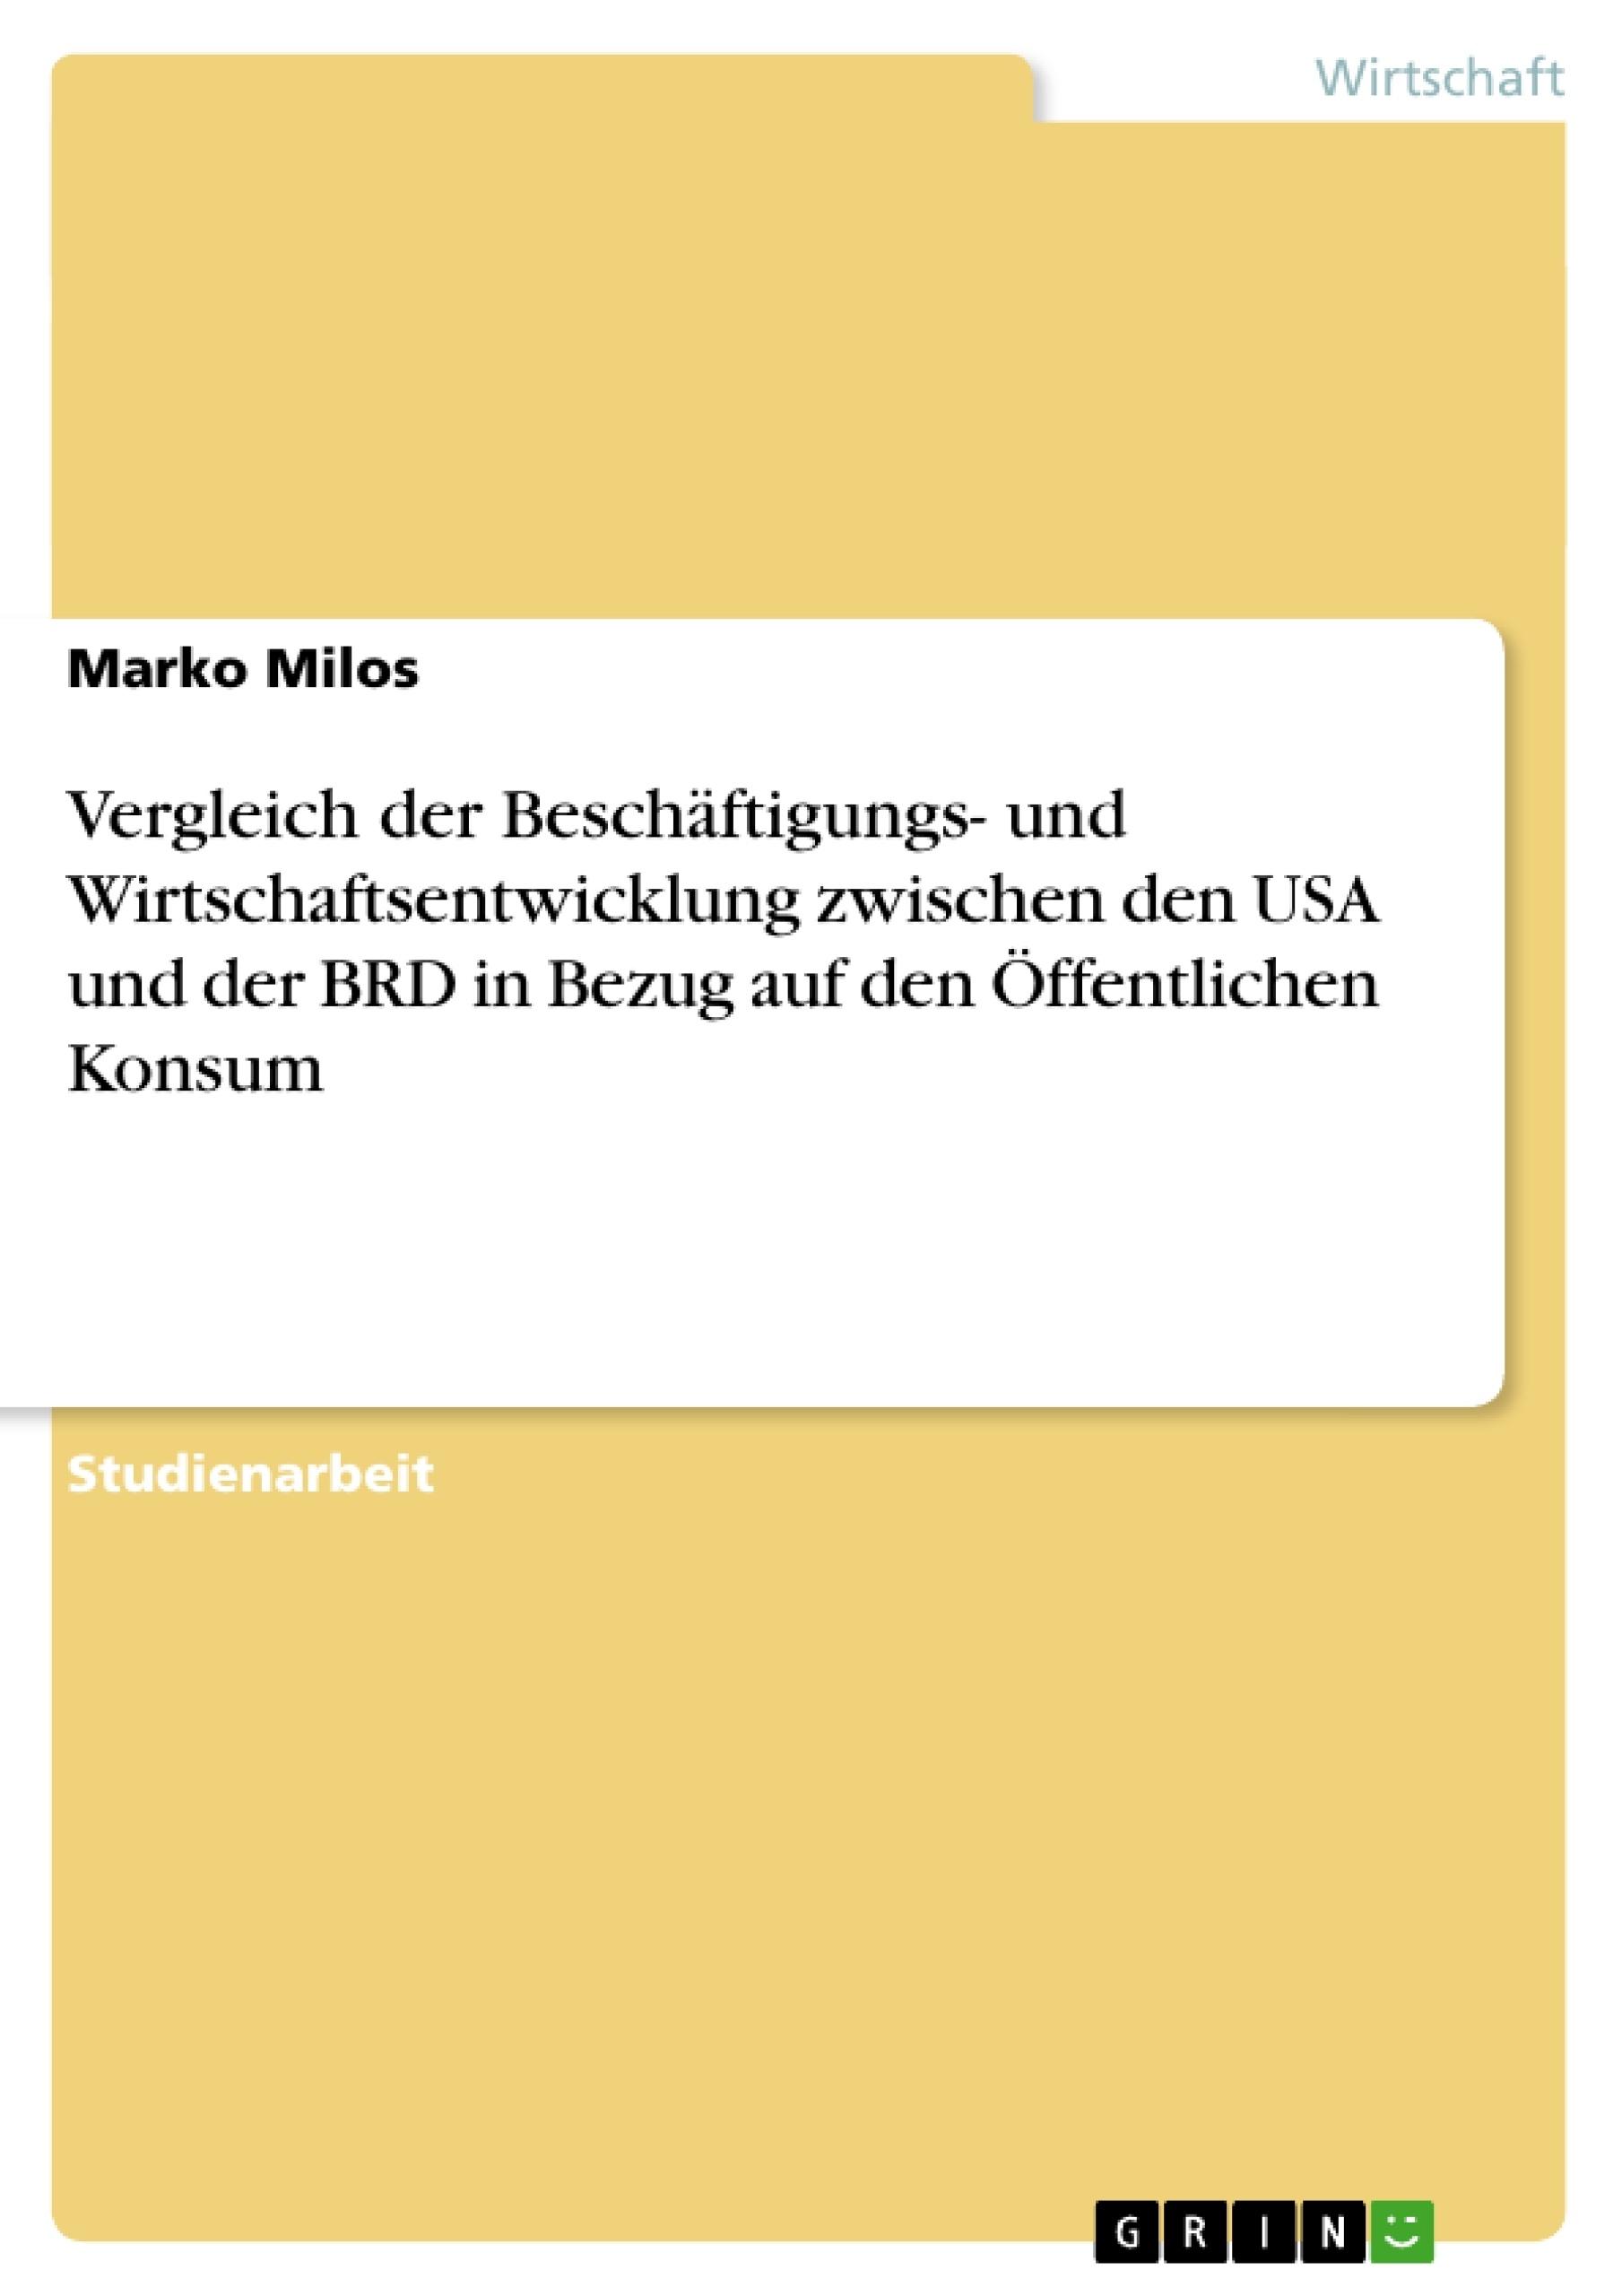 Titel: Vergleich der Beschäftigungs- und Wirtschaftsentwicklung zwischen den USA und der BRD in Bezug auf den Öffentlichen Konsum